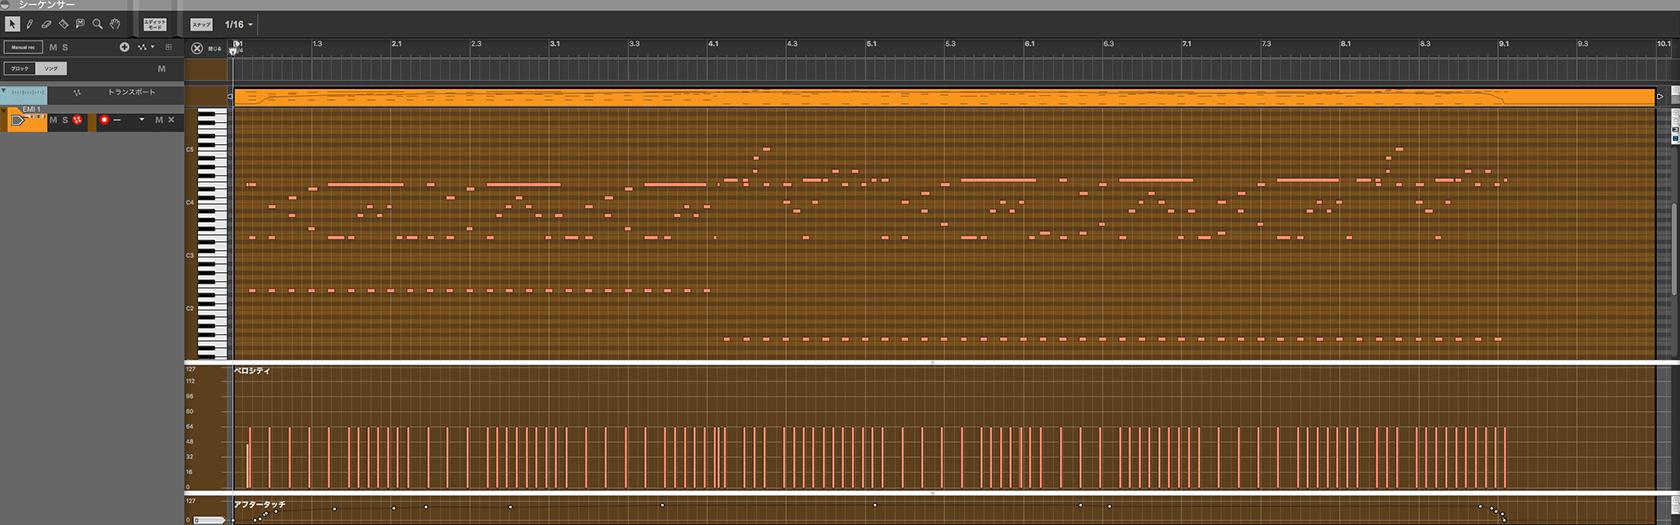 Montage,MODX  Arpeggiator(アルペジェーター)をMIDIデータにしてpropellerhead Resonに録音する方法!(初心者用)